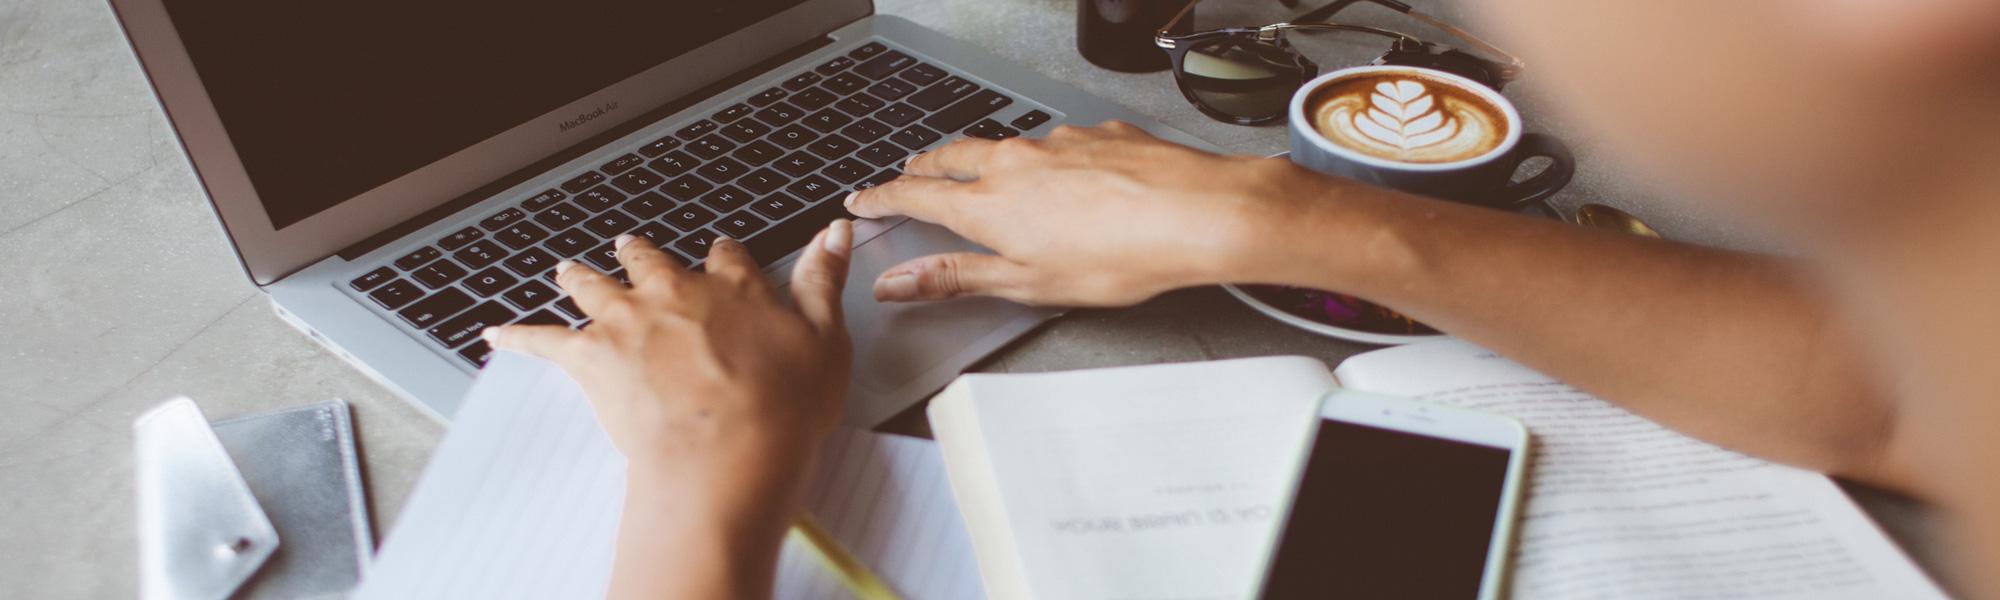 Pourquoi faire appel aux Blogueurs/Influenceurs ?